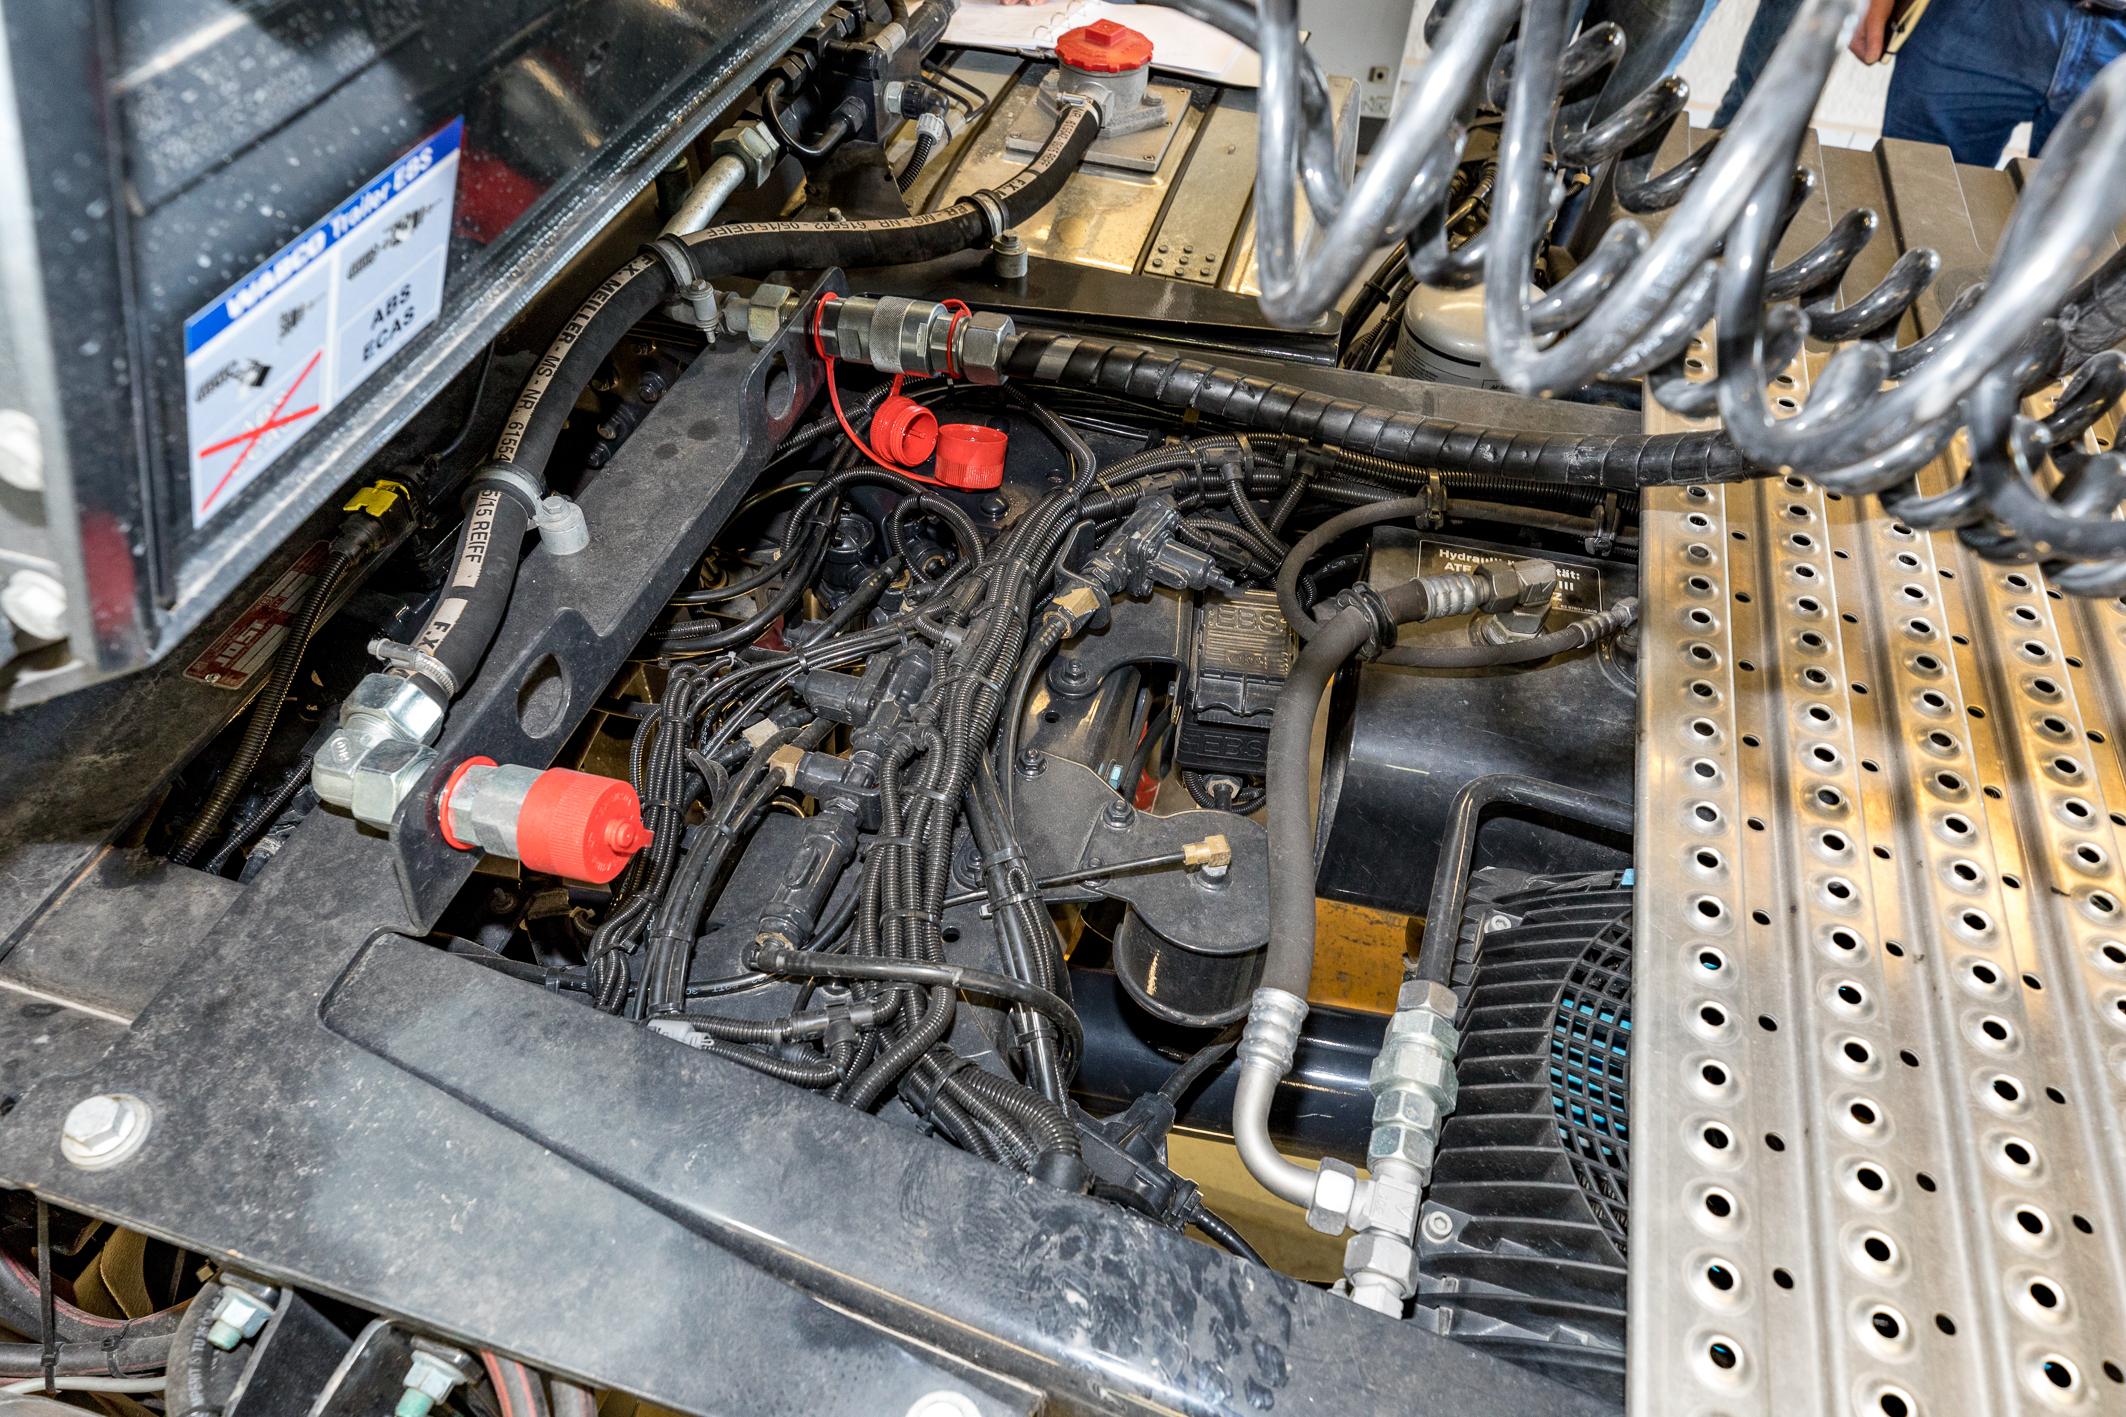 <p>De oliekoeler zit bij MAN goed beschermd in het chassis.</p>